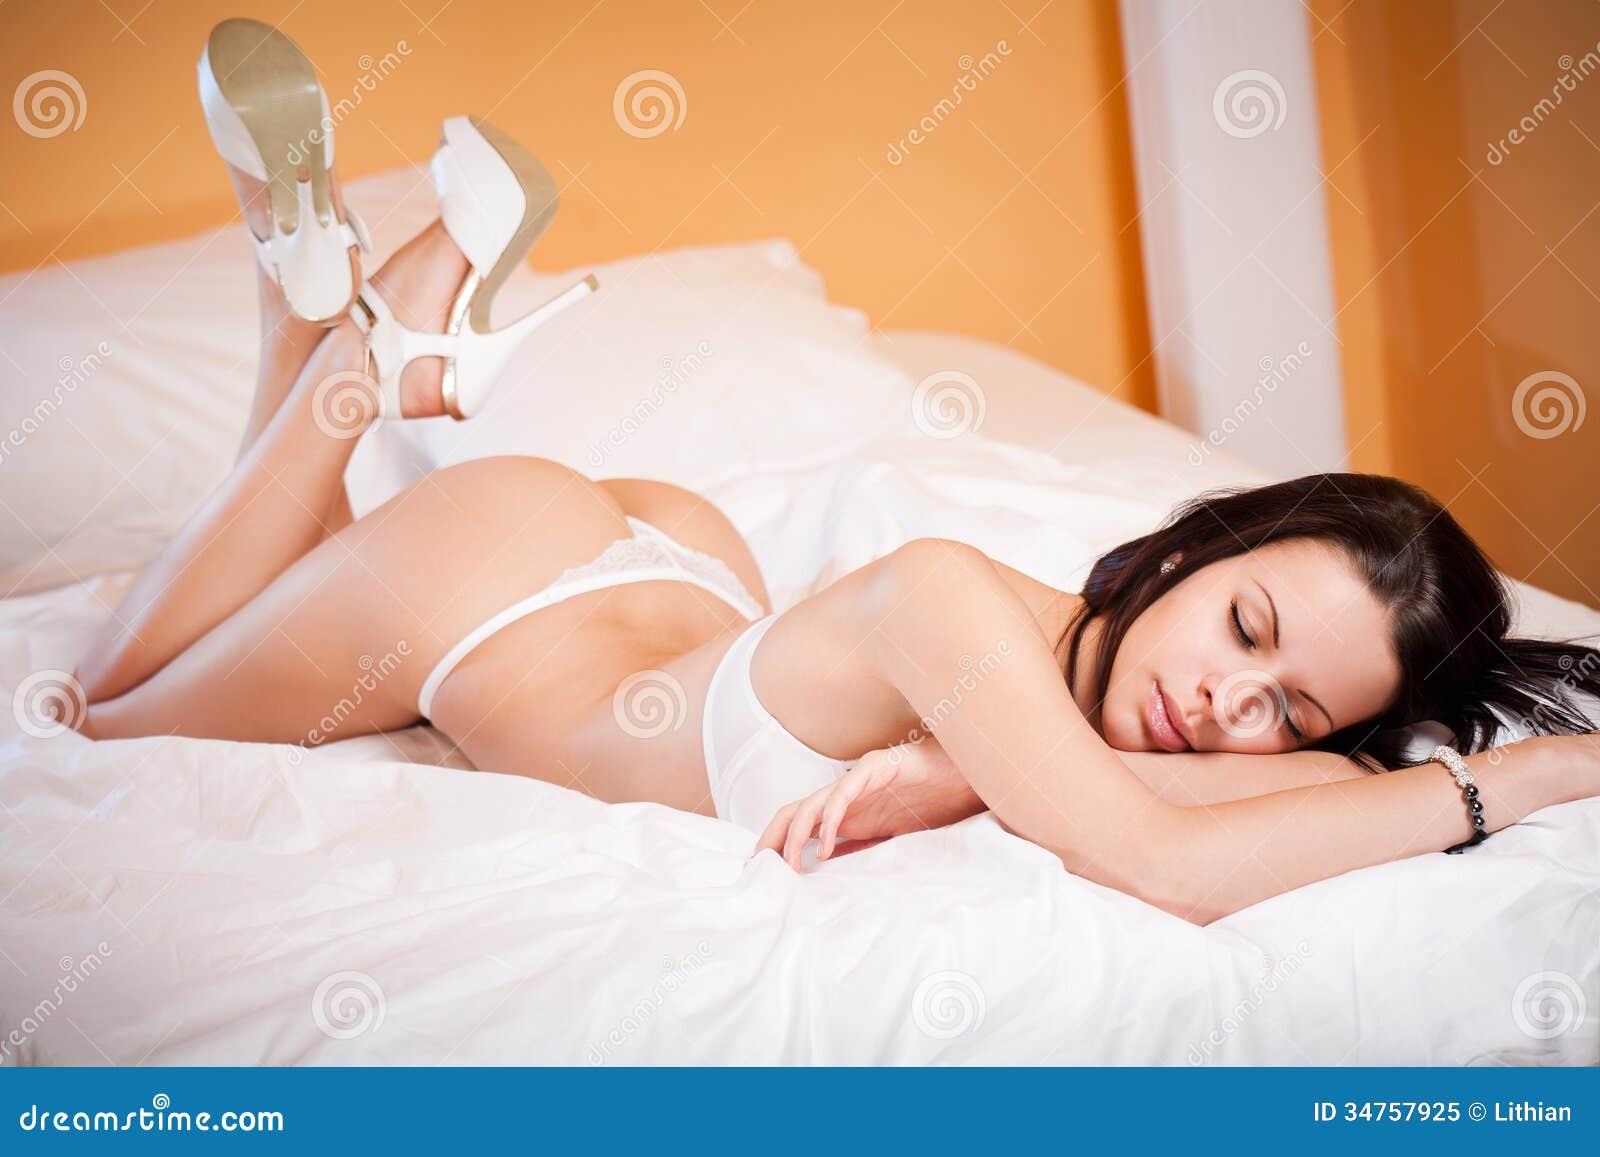 Bed Portrait Sheets